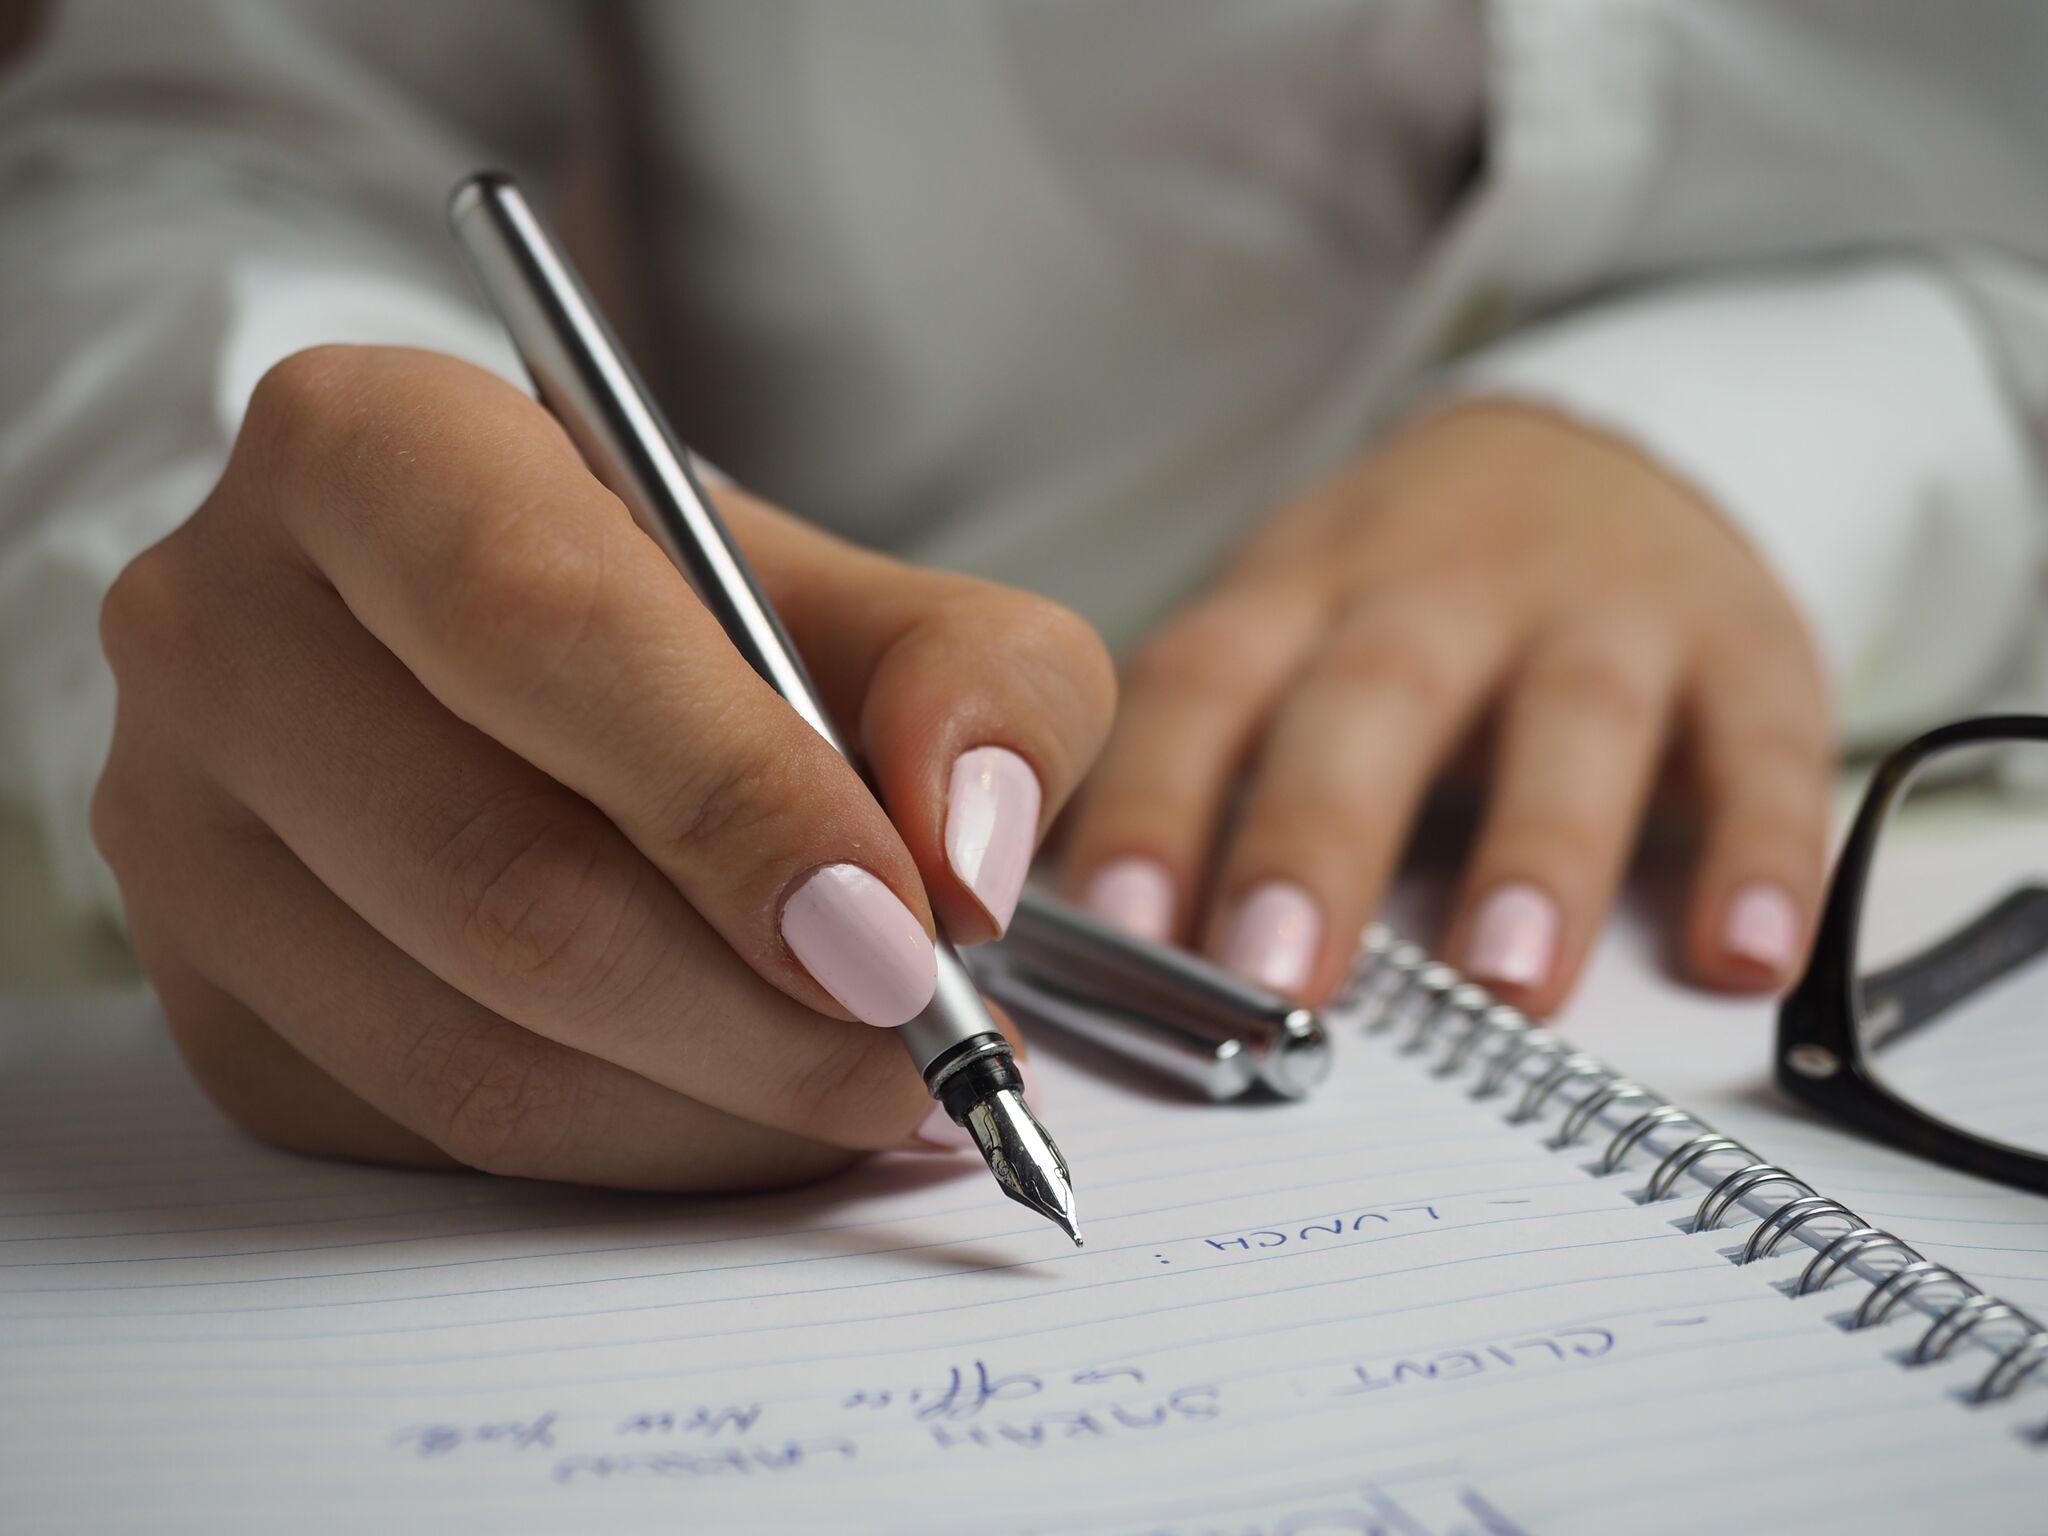 agenda-composition-fountain-pen-110473_preview.jpeg